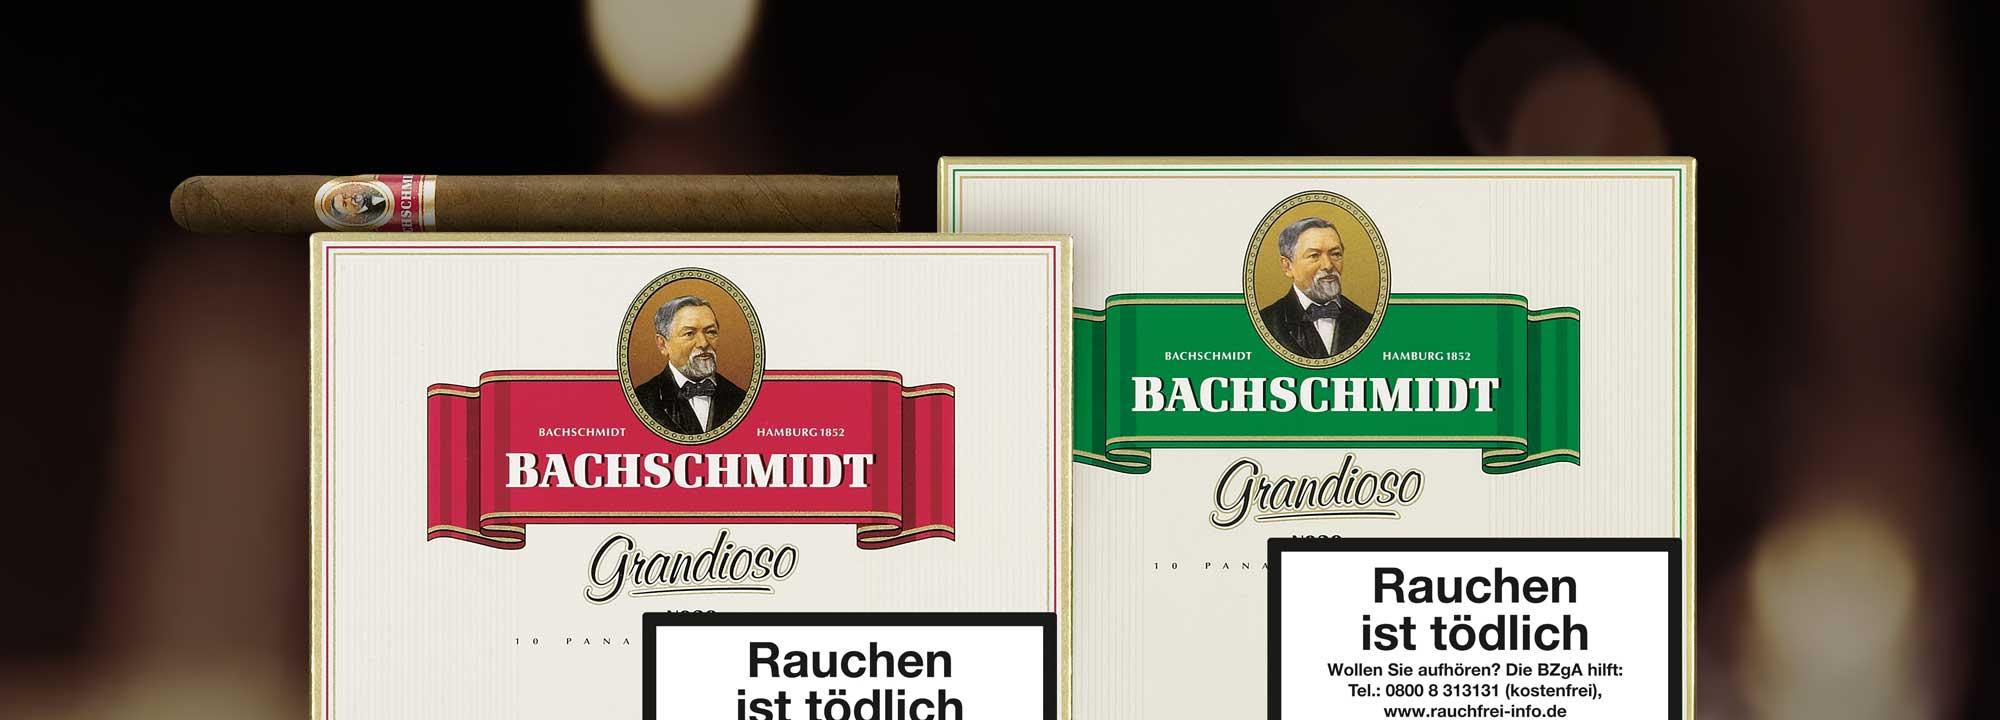 Bachschmidt